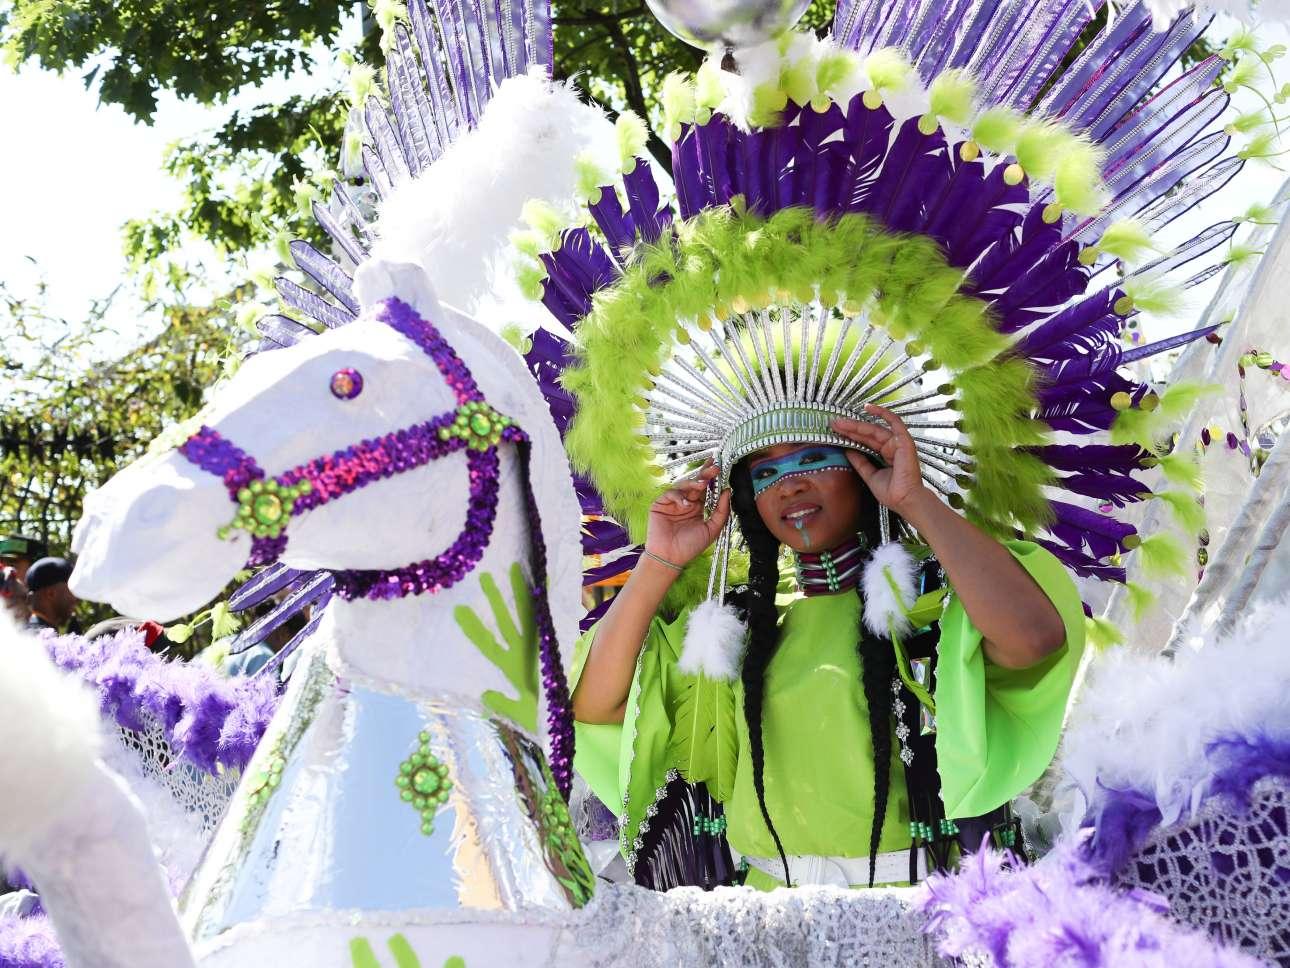 Ενα εντυπωσιακό άρμα παίρνει μέρος στην παιδική παρέλαση